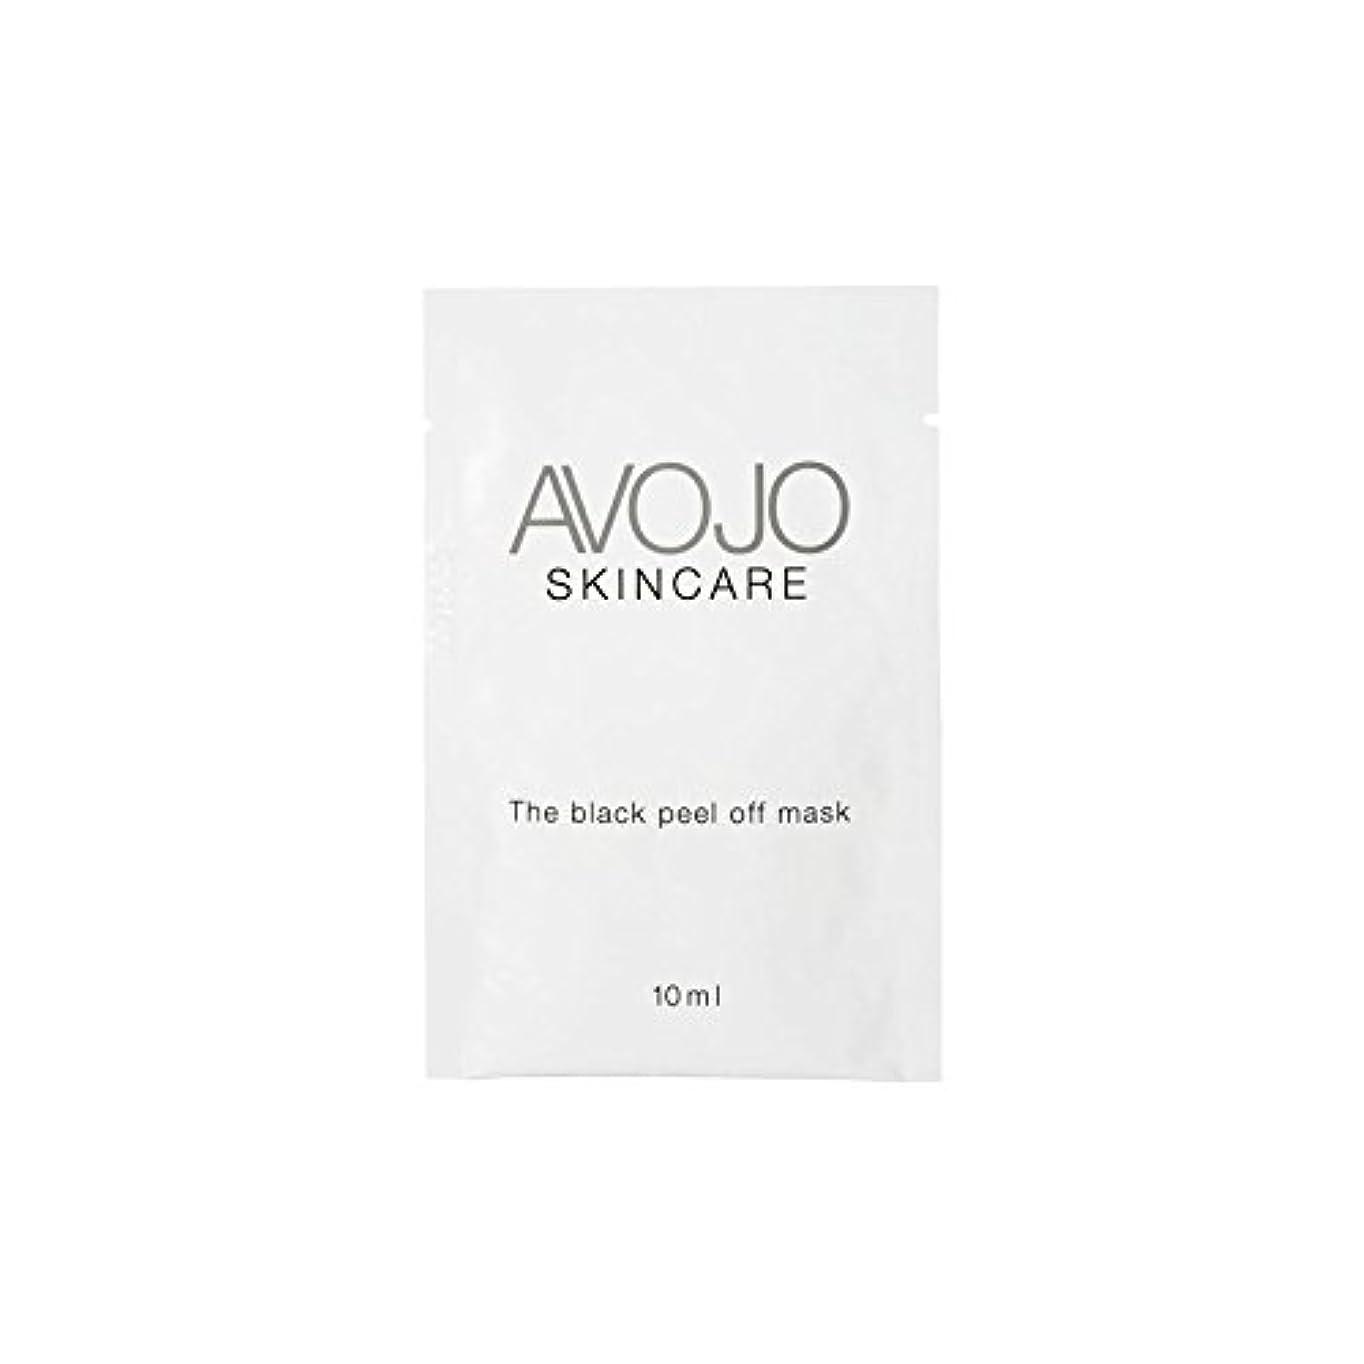 シンポジウム発火するトロリー- ブラックピールオフマスク - 小袋(10ミリリットル×4) x4 - Avojo - The Black Peel Off Mask - Sachet (10ml X 4) (Pack of 4) [並行輸入品]